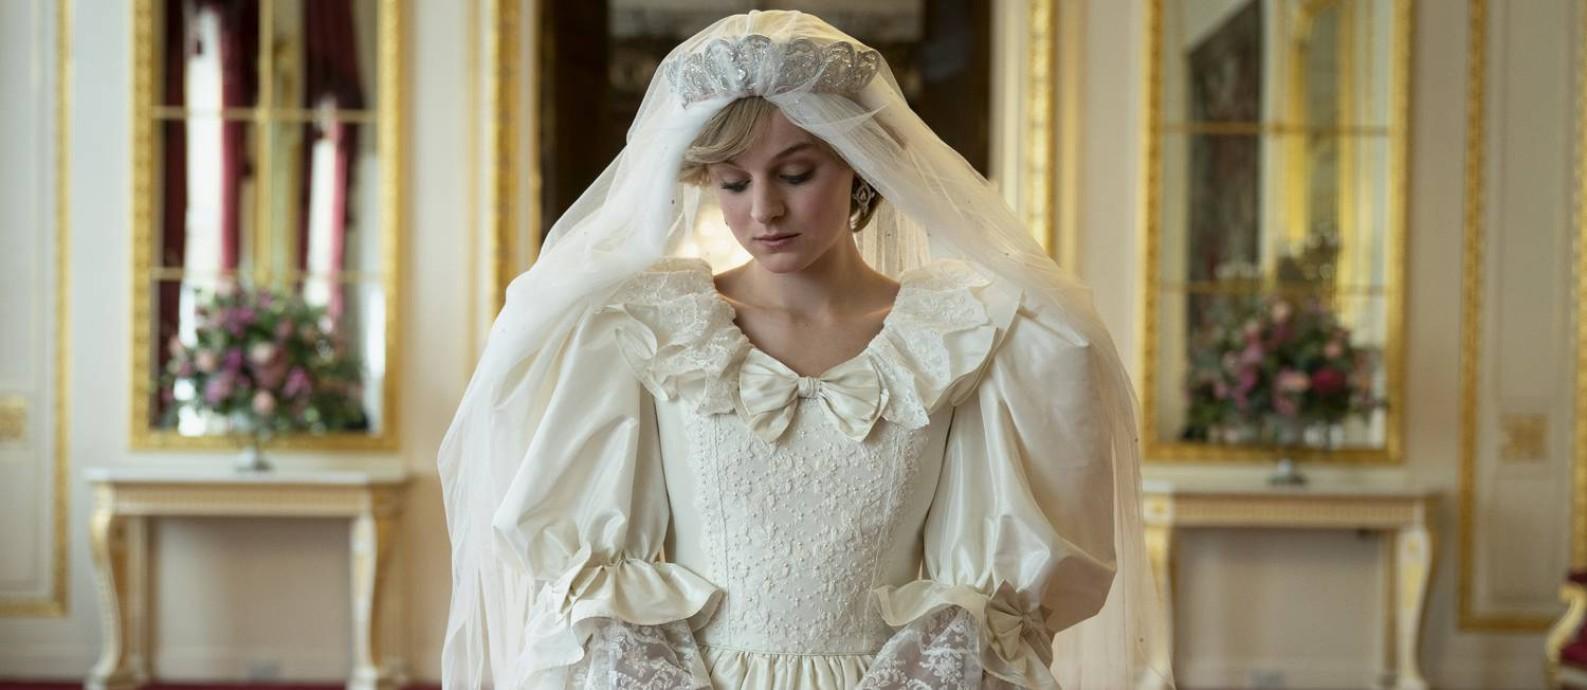 """Emma Corrin, atriz novata de 24 anos, que vive Diana, em cena de """"The Crown"""" com vestido de noiva da princesa Foto: Des Willie / Netflix"""